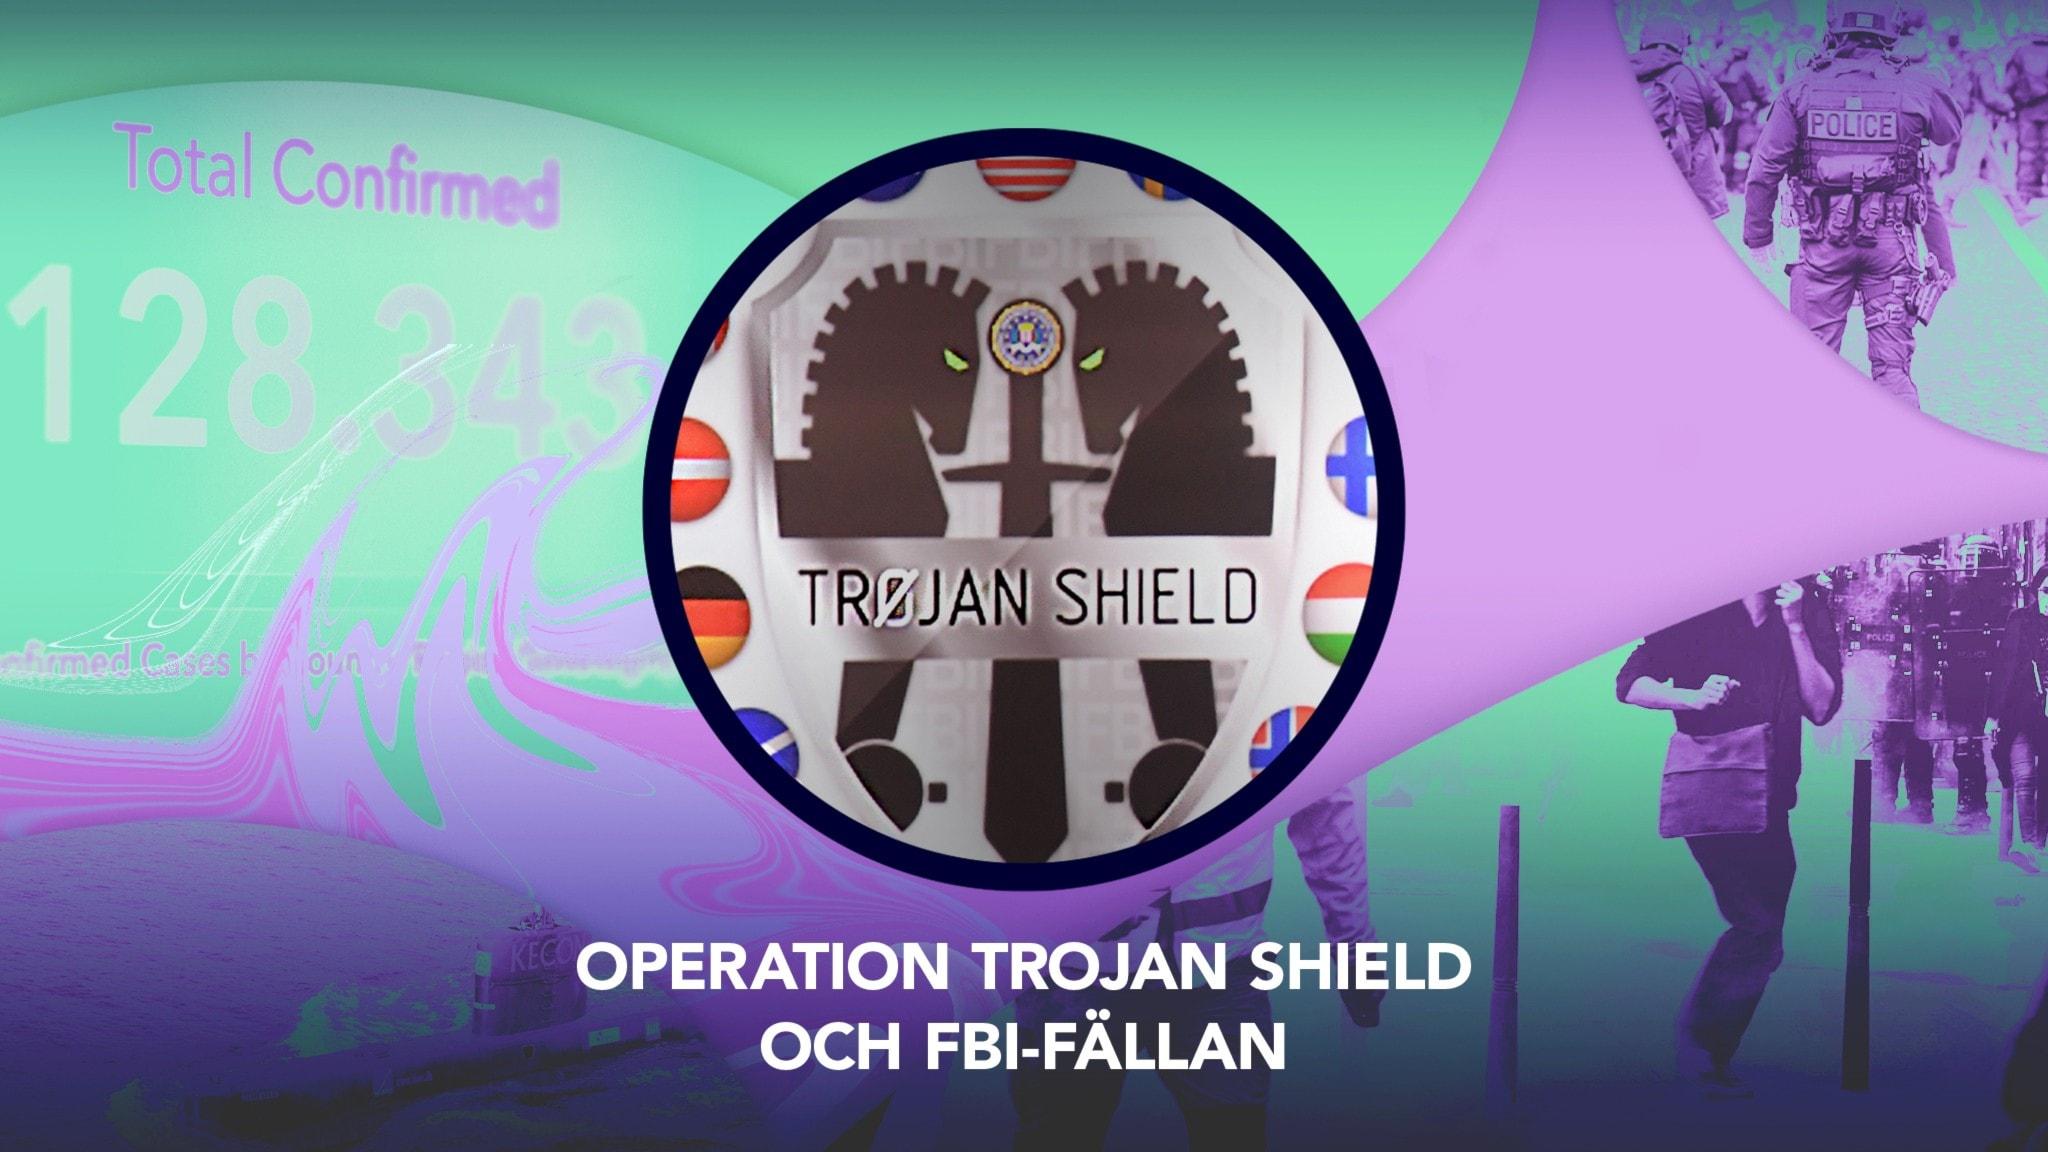 Den 7 juni 2021 slår poliser till över hela världen. Över 800 misstänkta, varav 155 personer med koppling till Sverige. Det visar sig att FBI gillrat en avlyssningsfälla – och kunnat följa kriminella chattar i realtid.